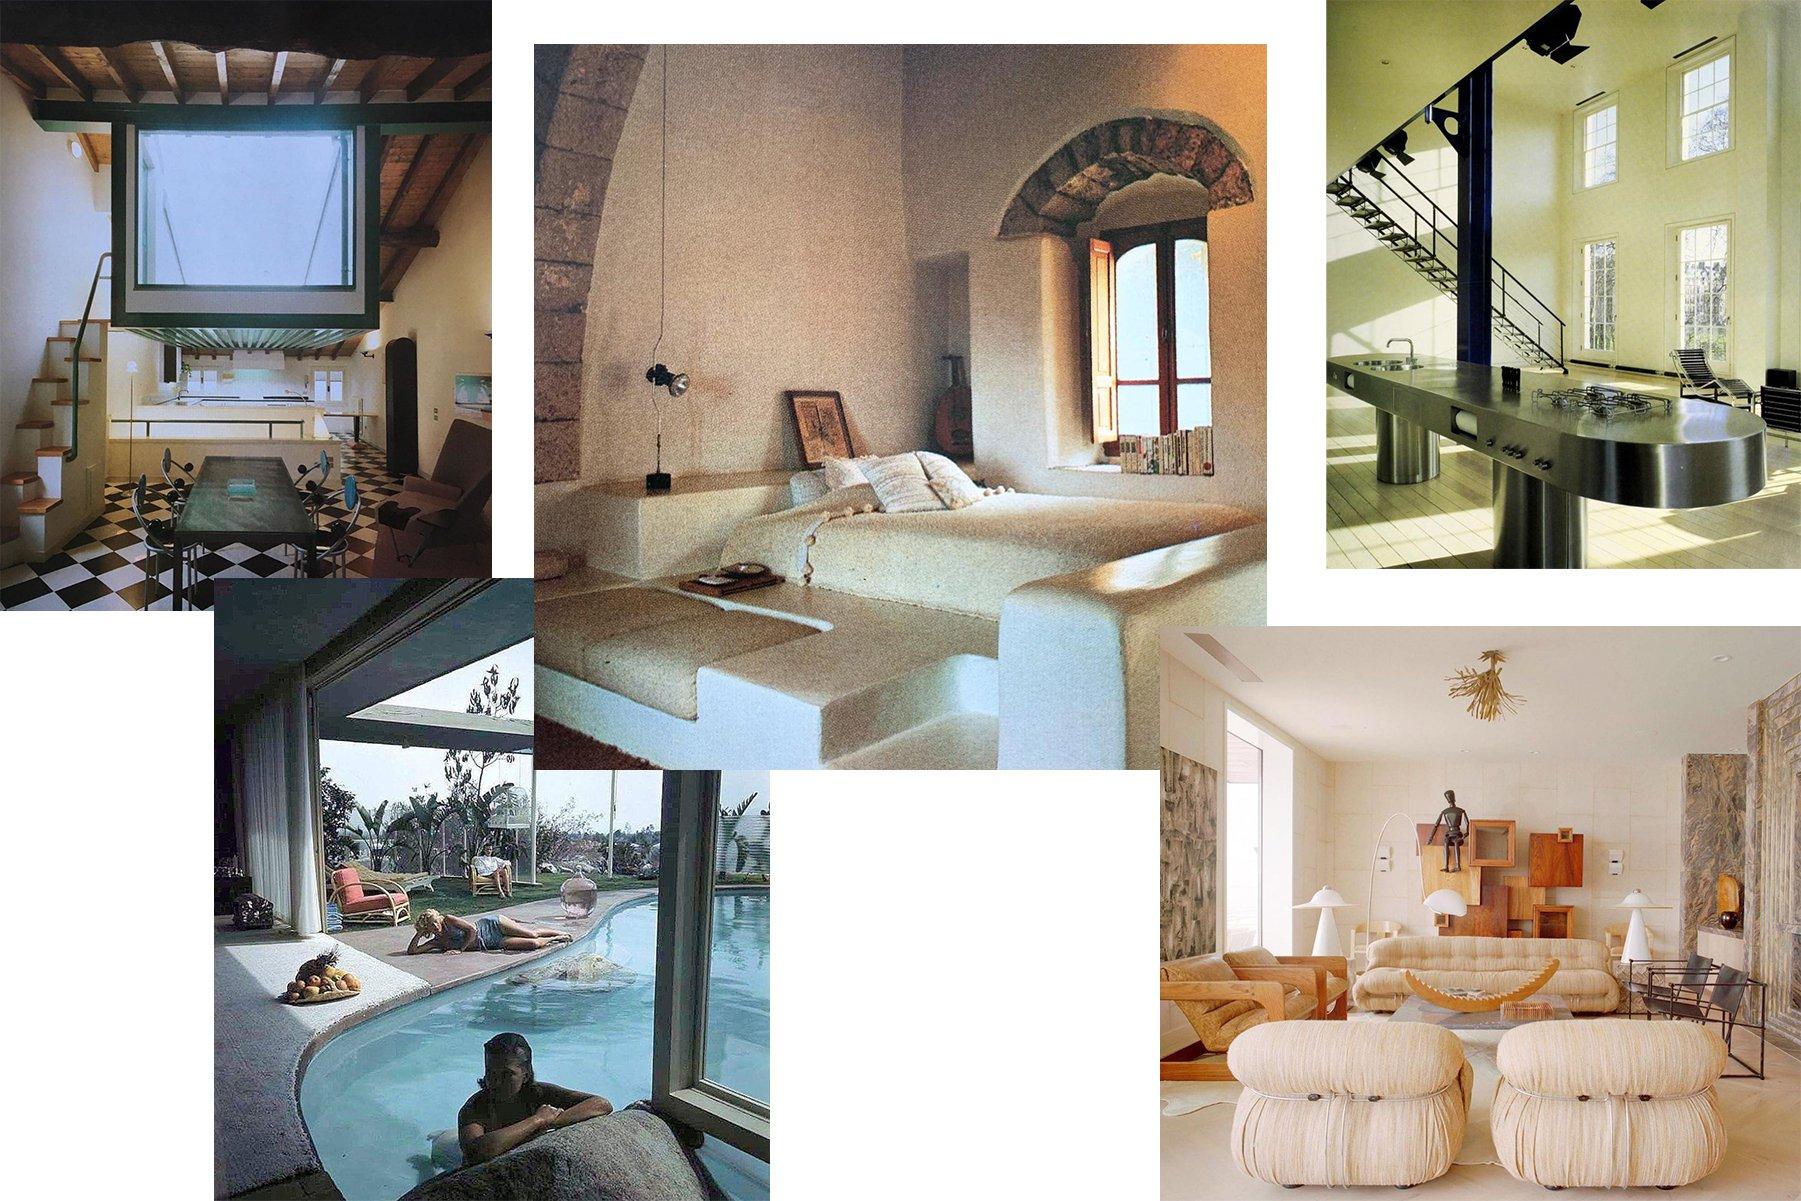 vintage-interior-instagram-accounts